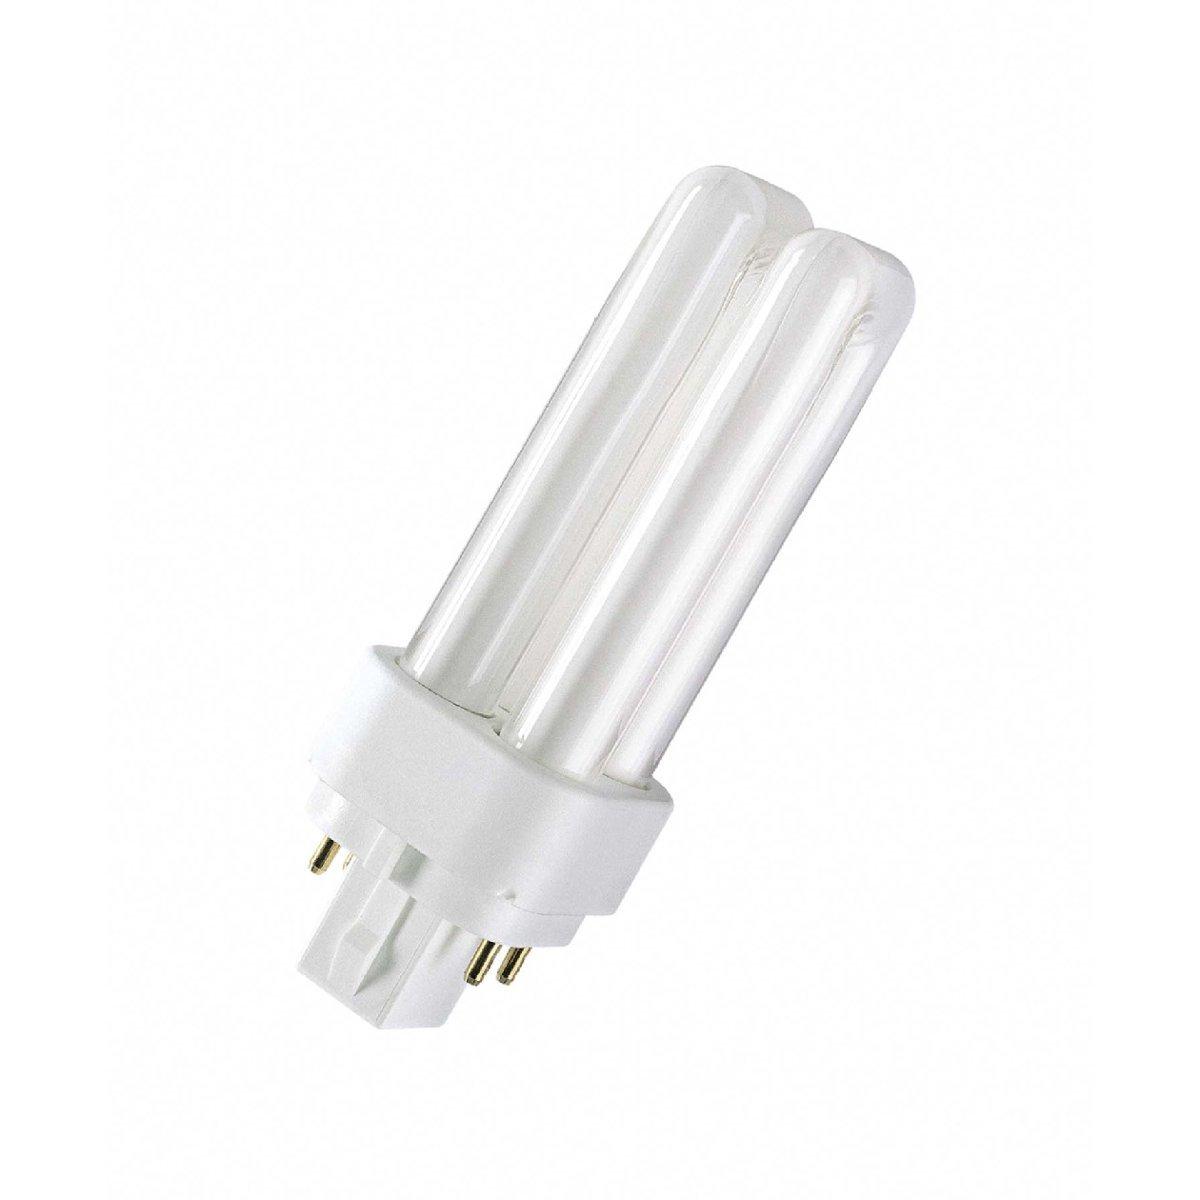 865 Tageslicht Lampe Licht 13W Osram Kompaktleuchtstofflampe DULUX D G24d